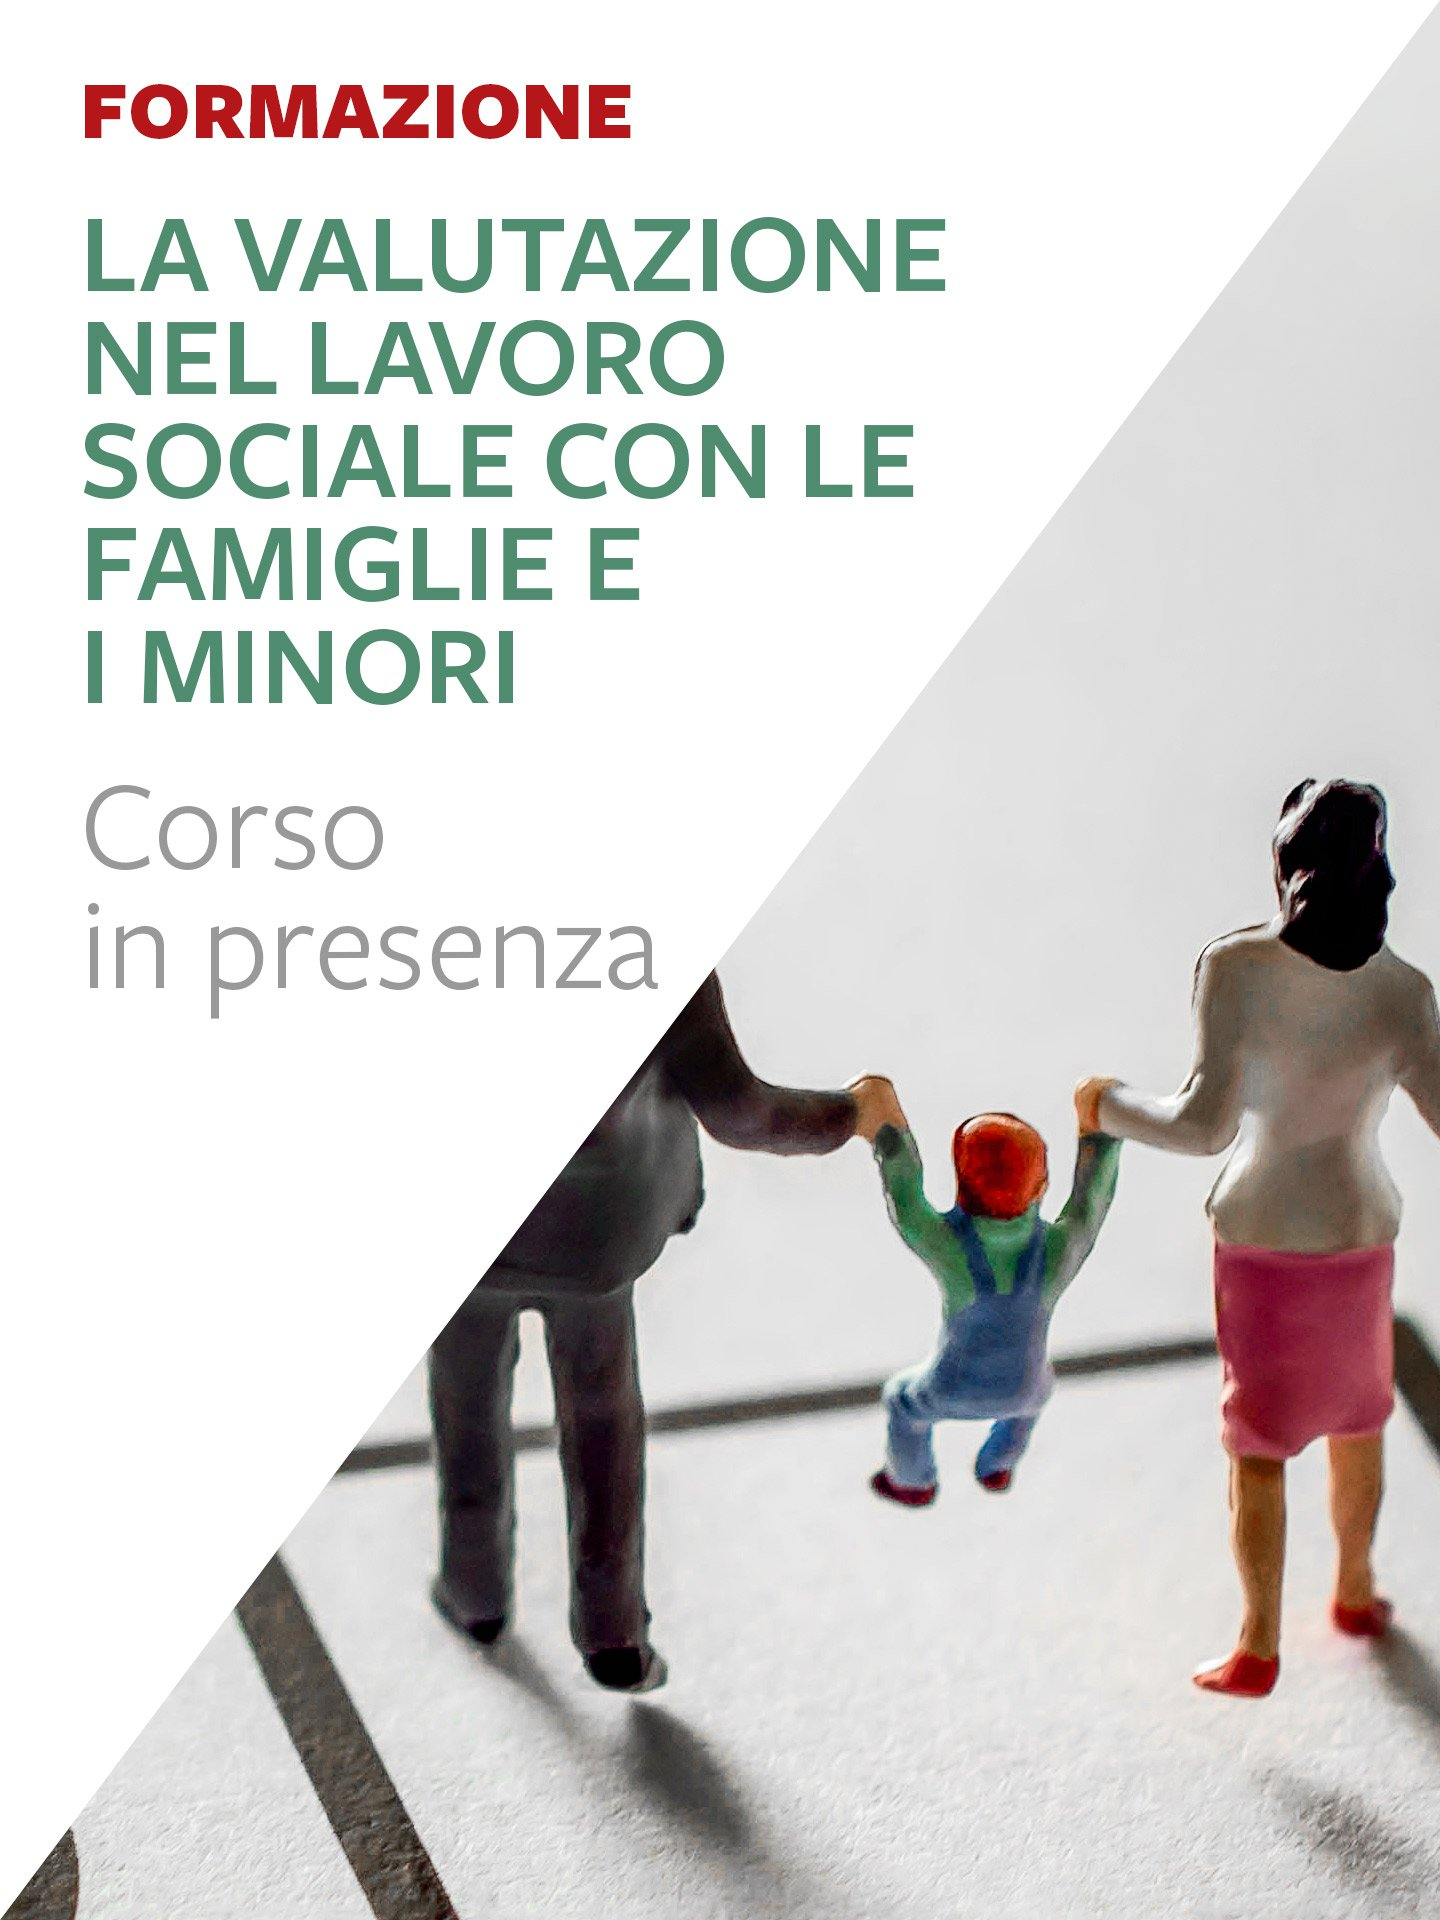 La valutazione nel lavoro sociale con le famiglie e i minori. - Motricità consapevole e riabilitazione logopedica - Libri - Erickson